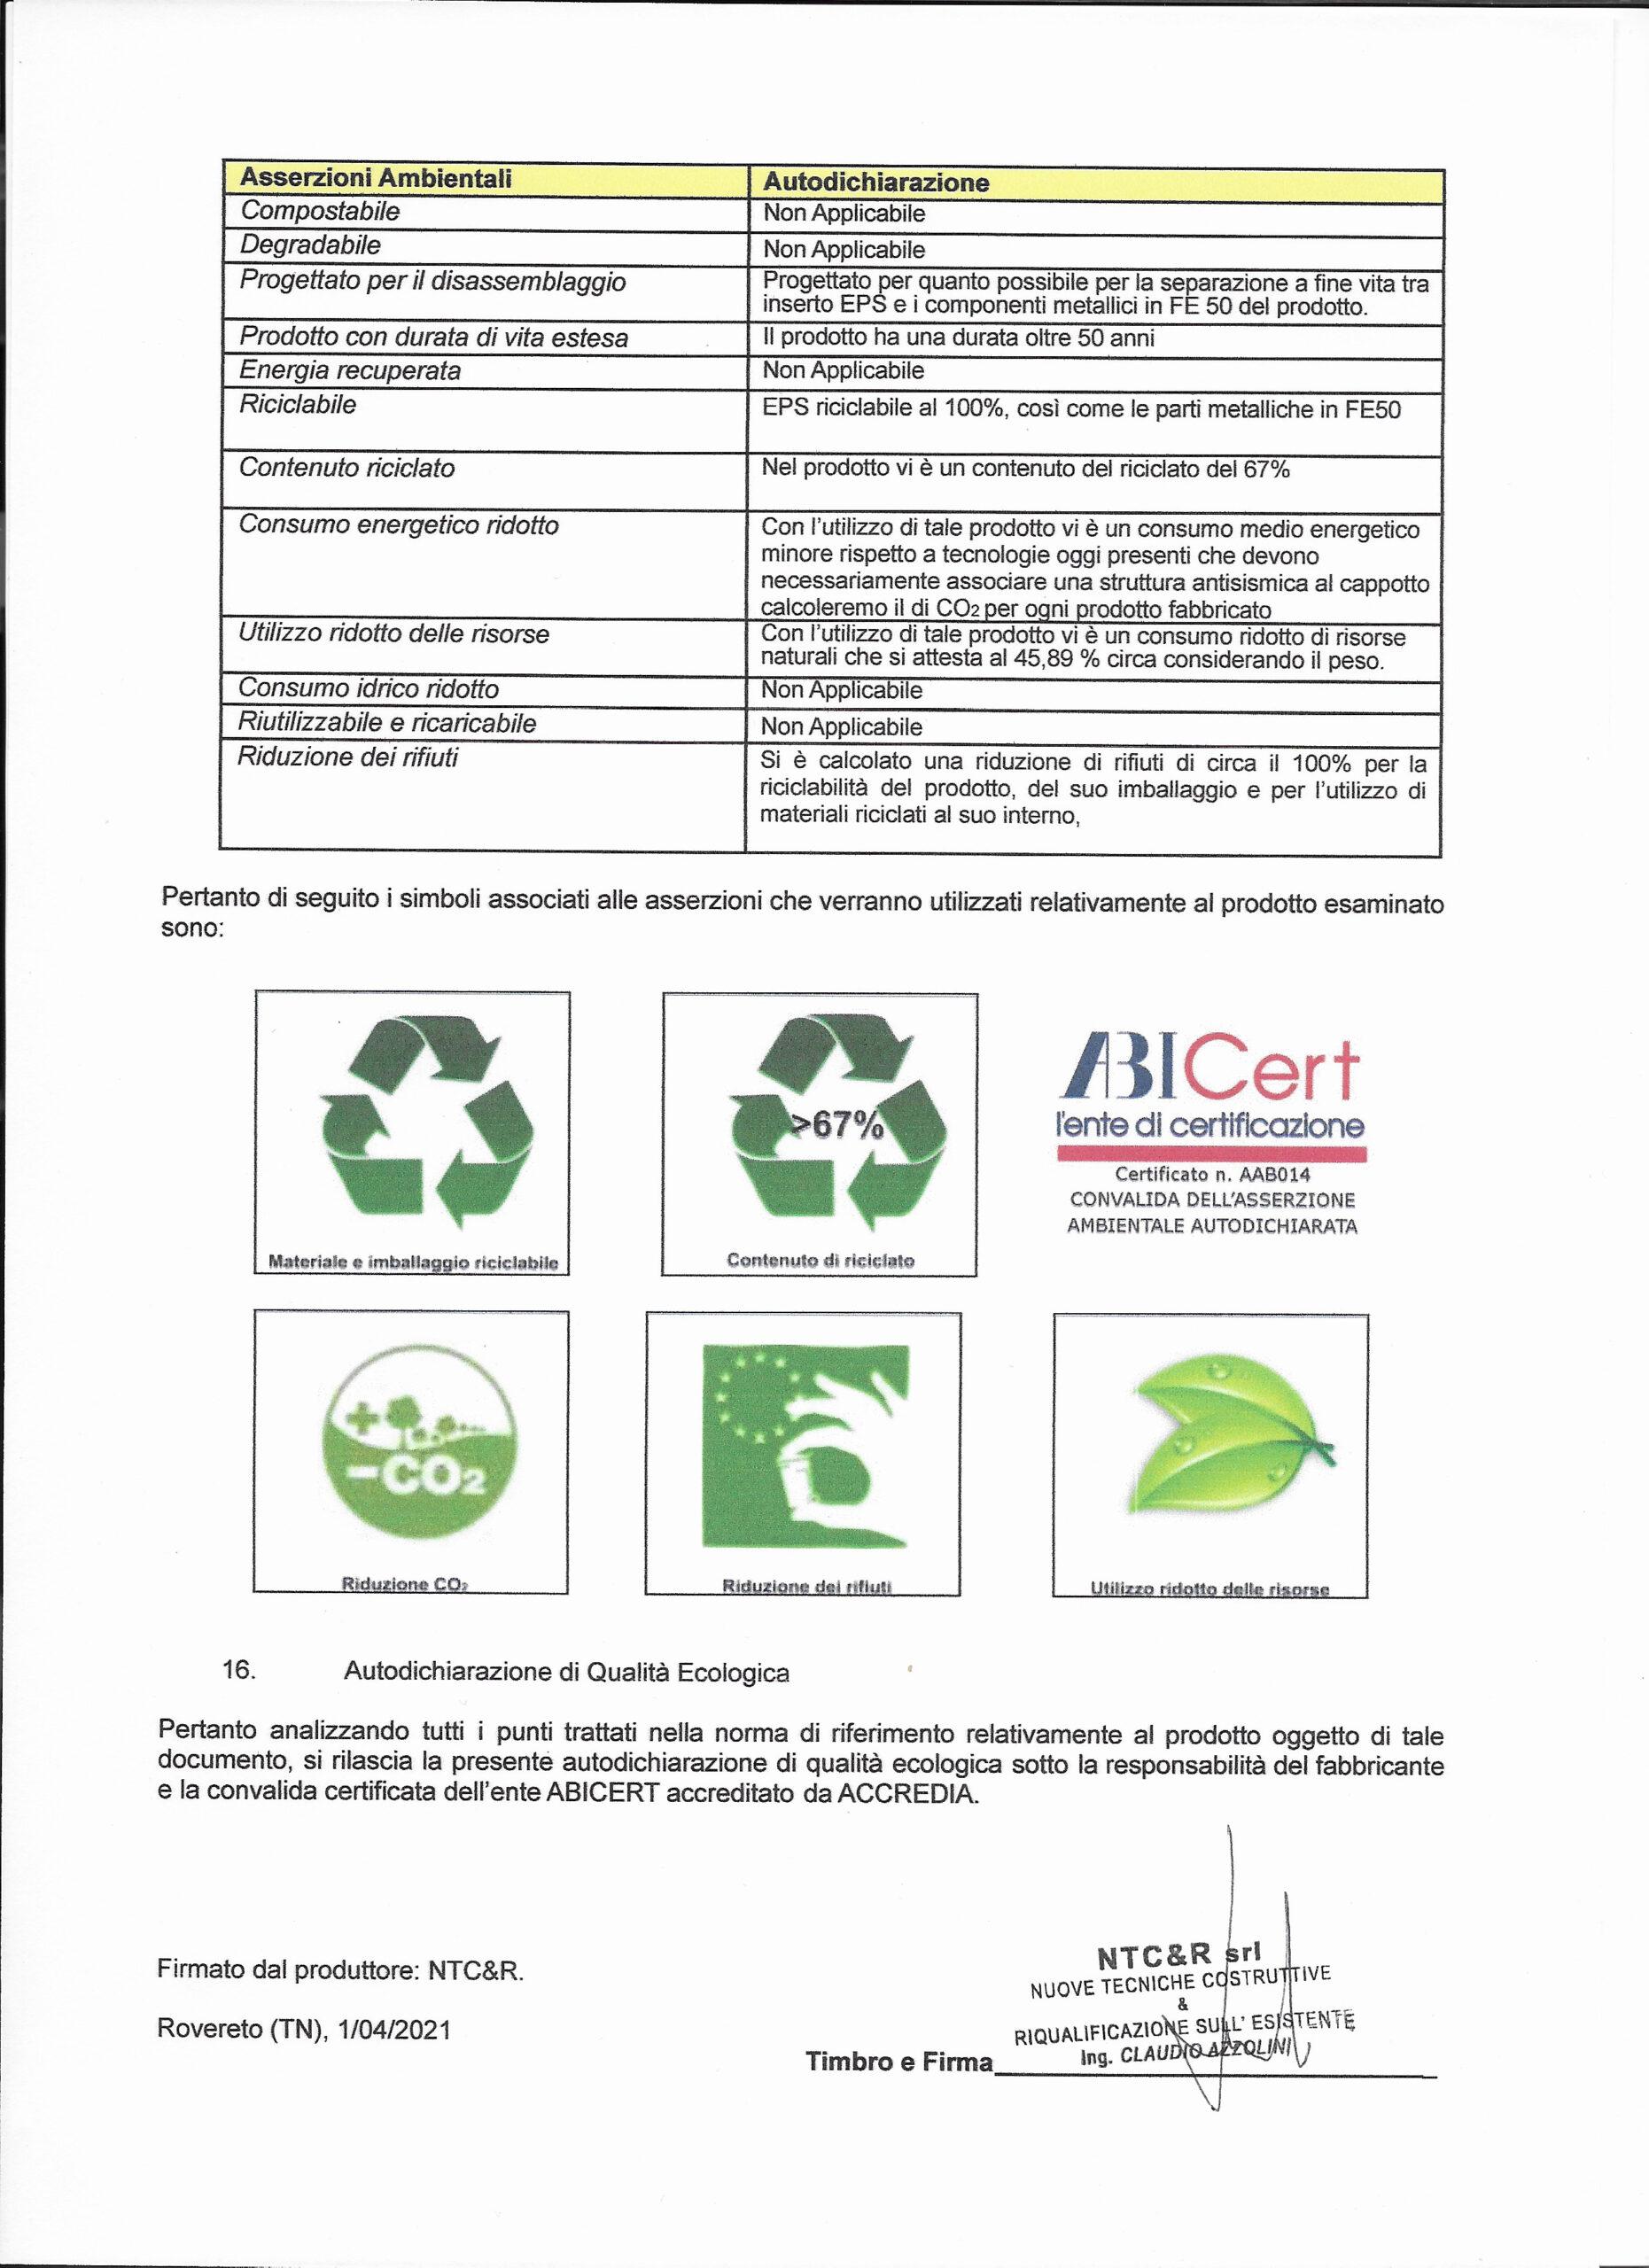 Autocertificazione ISO 14021_completa _1_Green 400